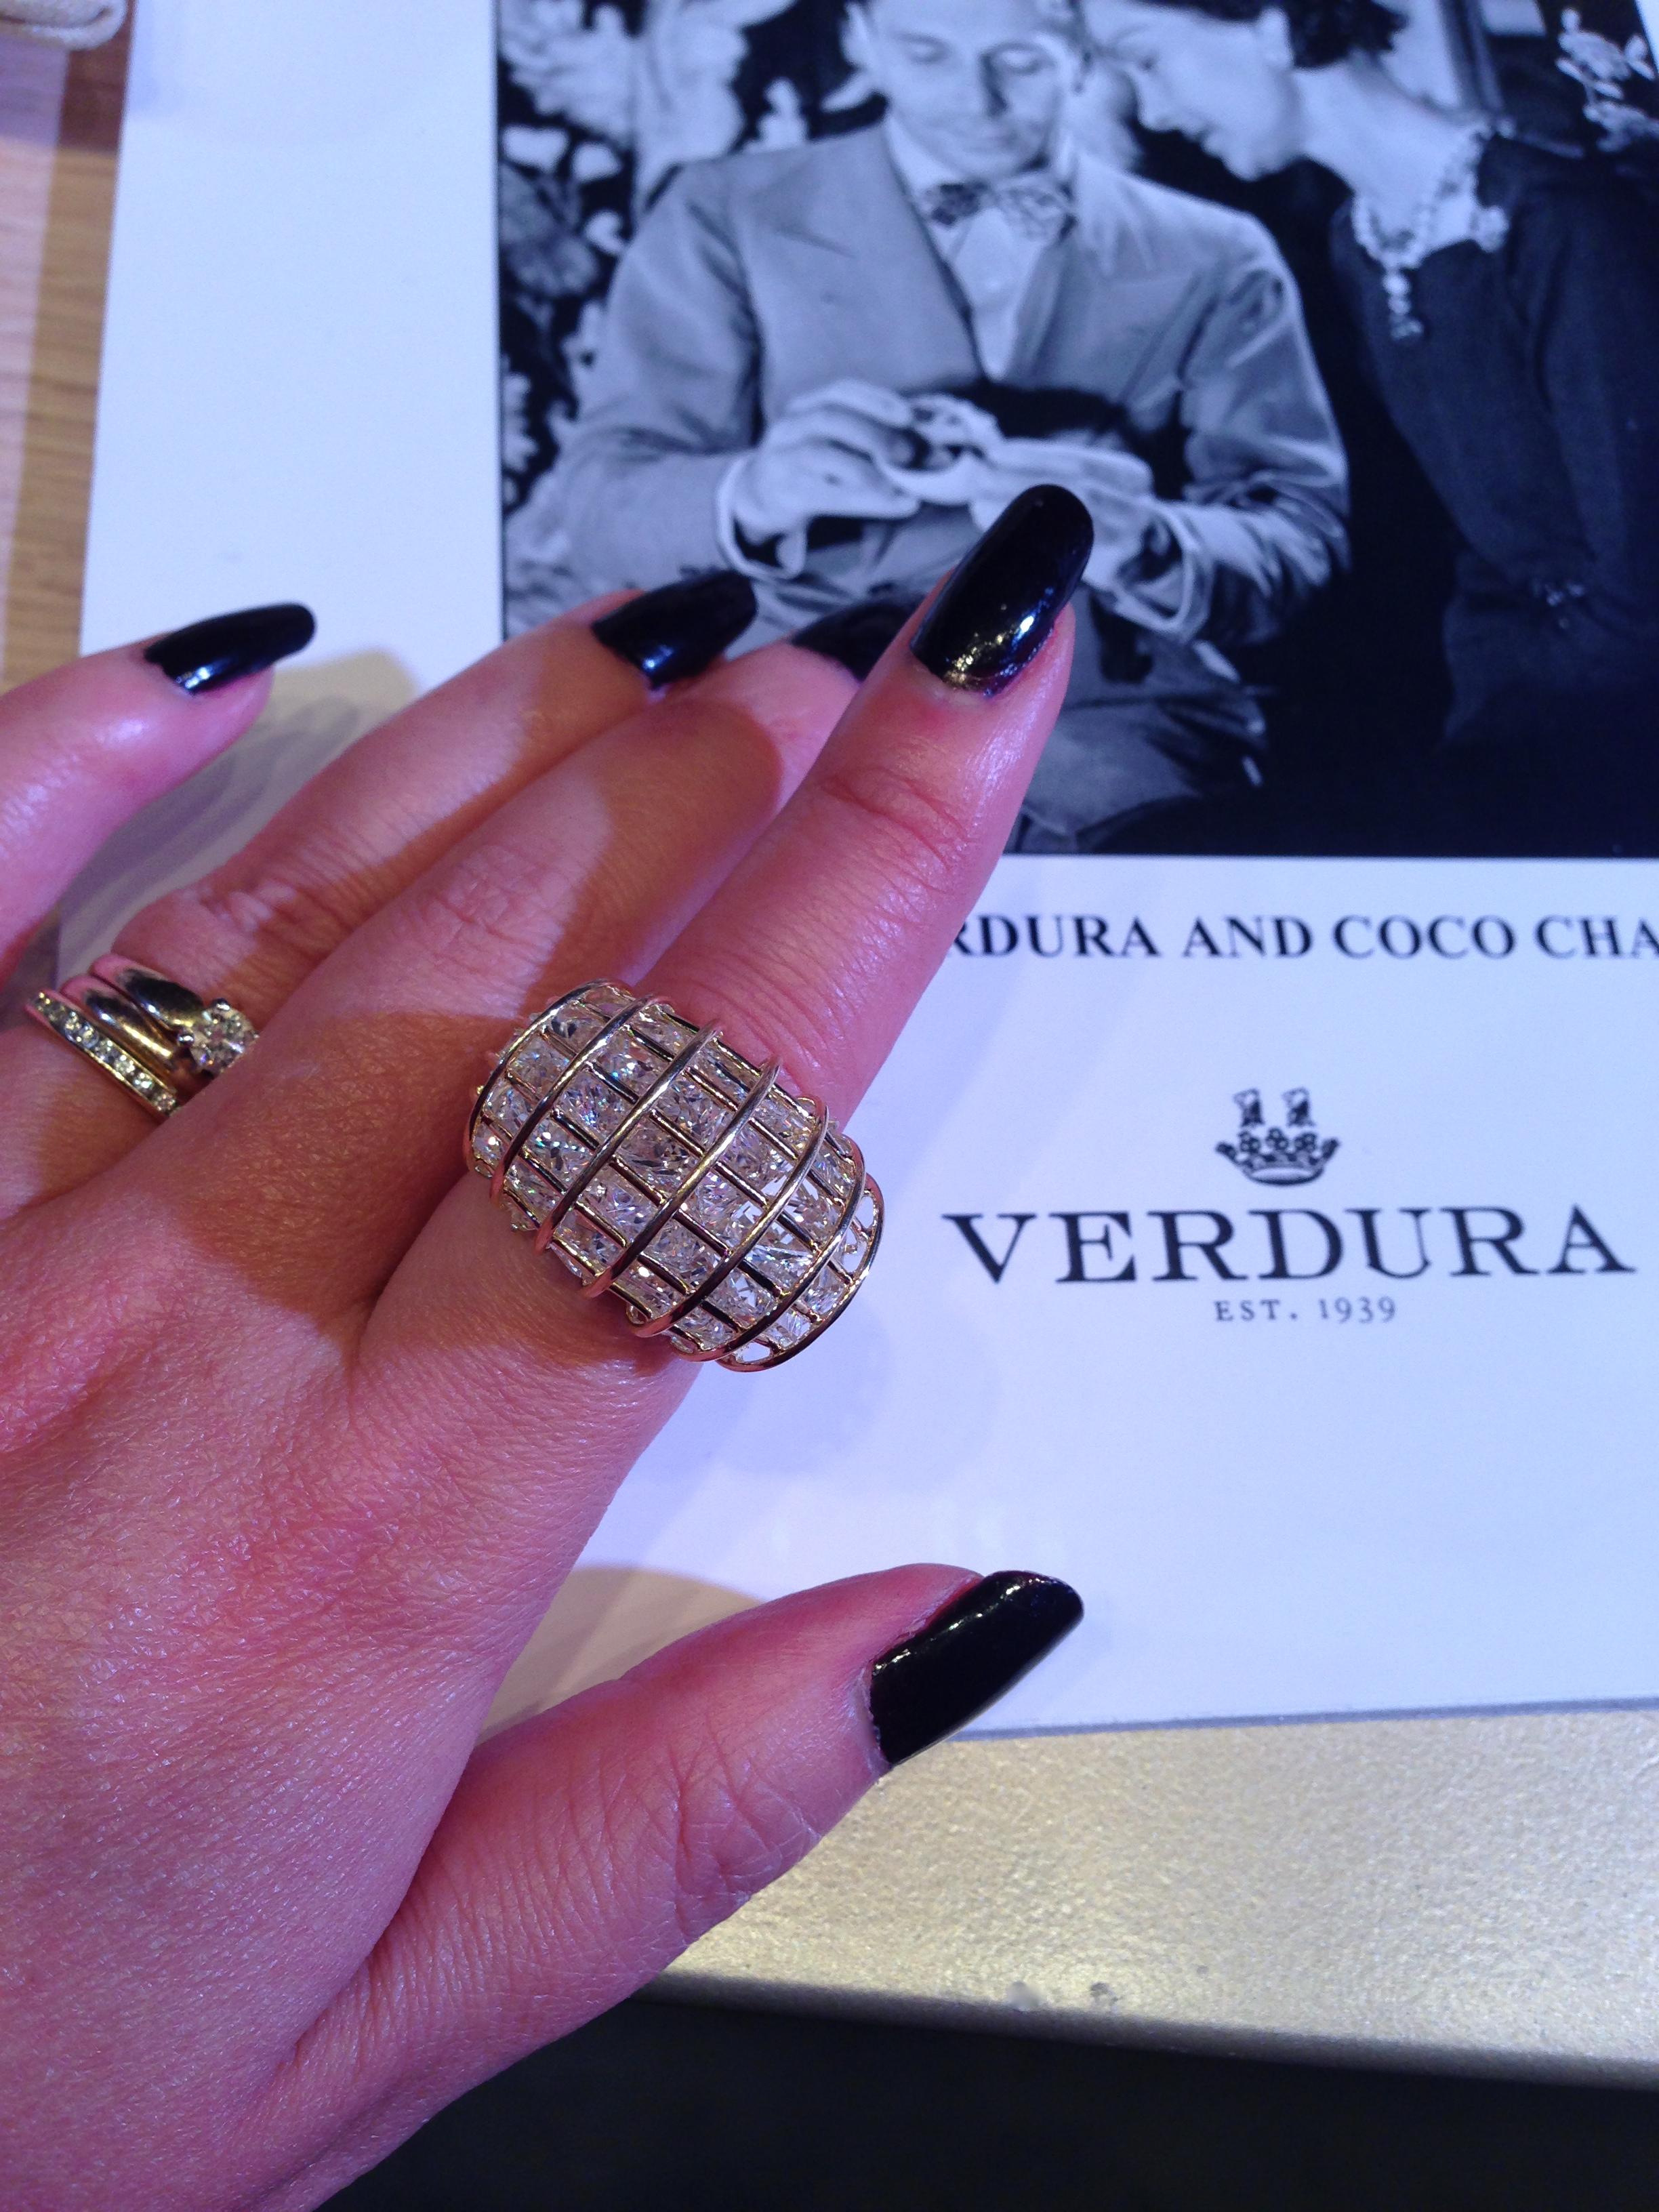 Luxury Jeweller Verdura & Coco Chanel